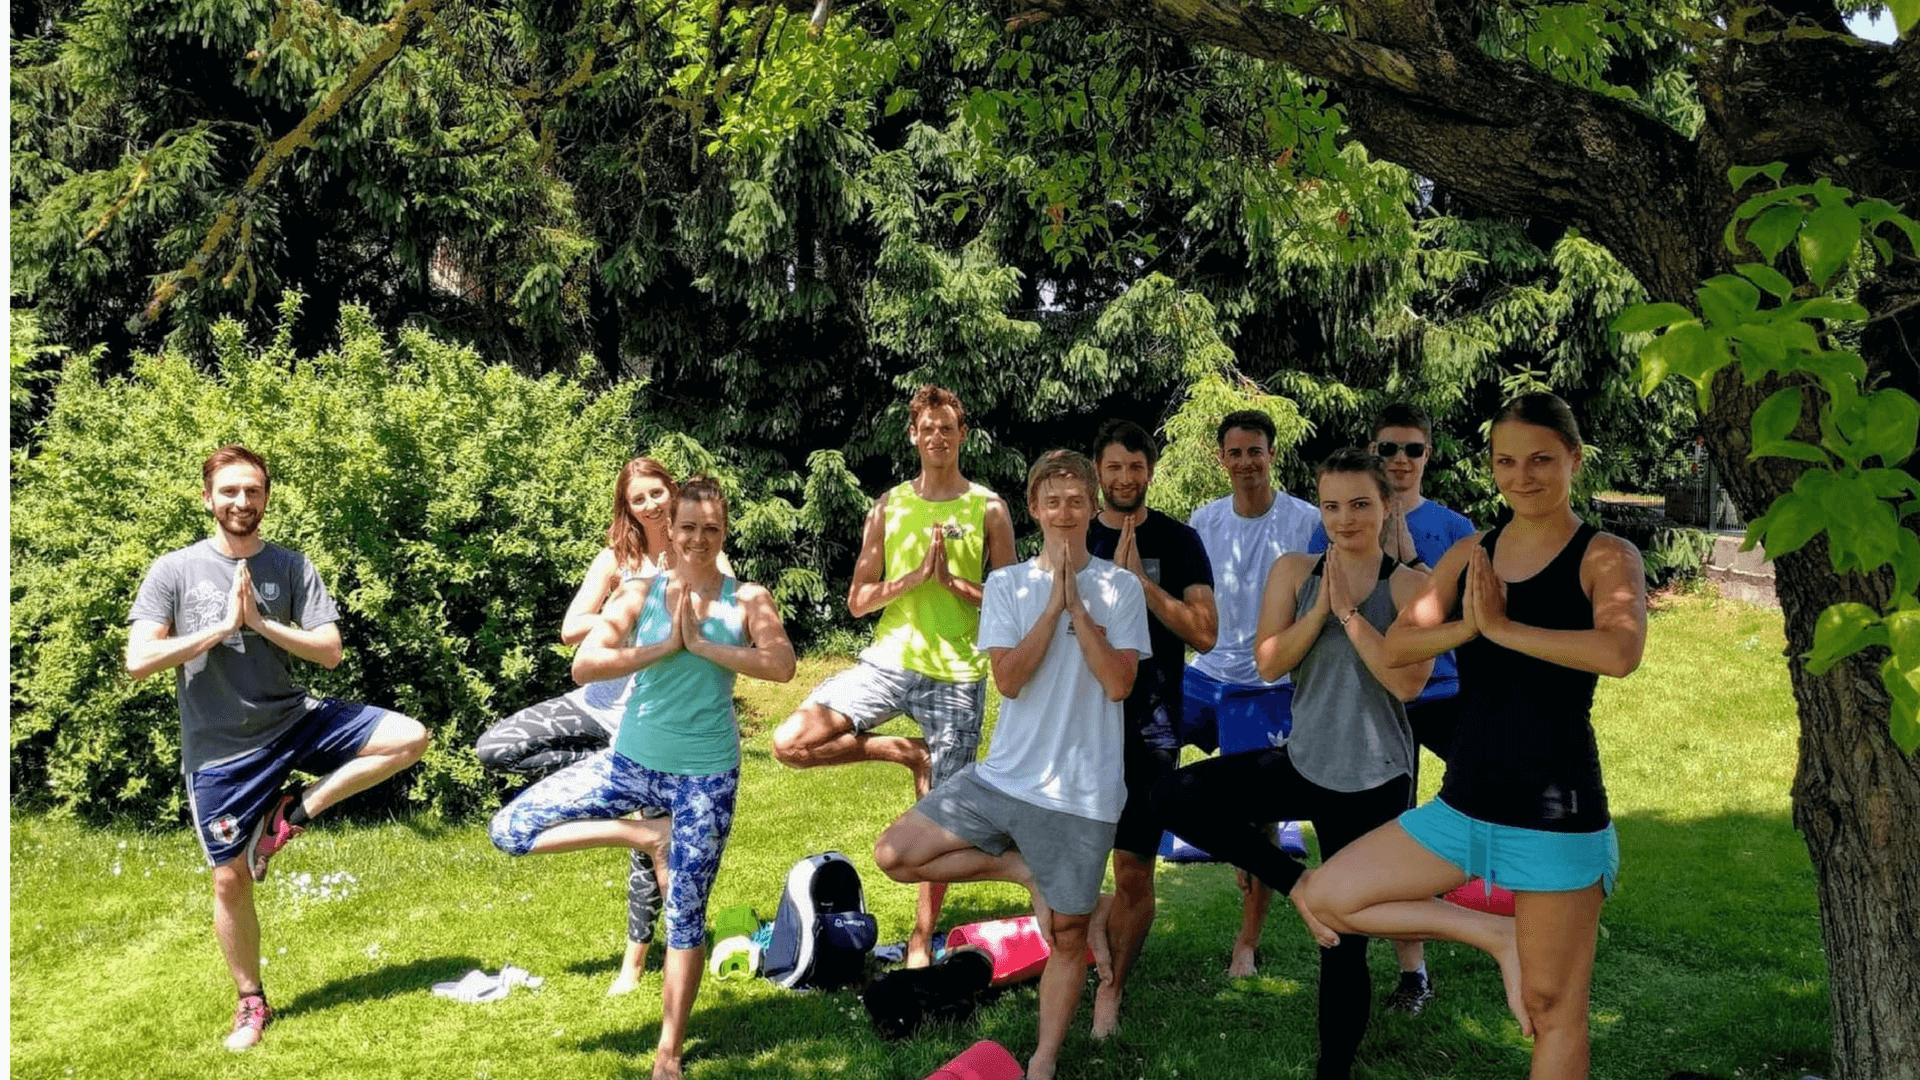 Yoga als Gesundheitsförderung wird bei Tractive angeboten